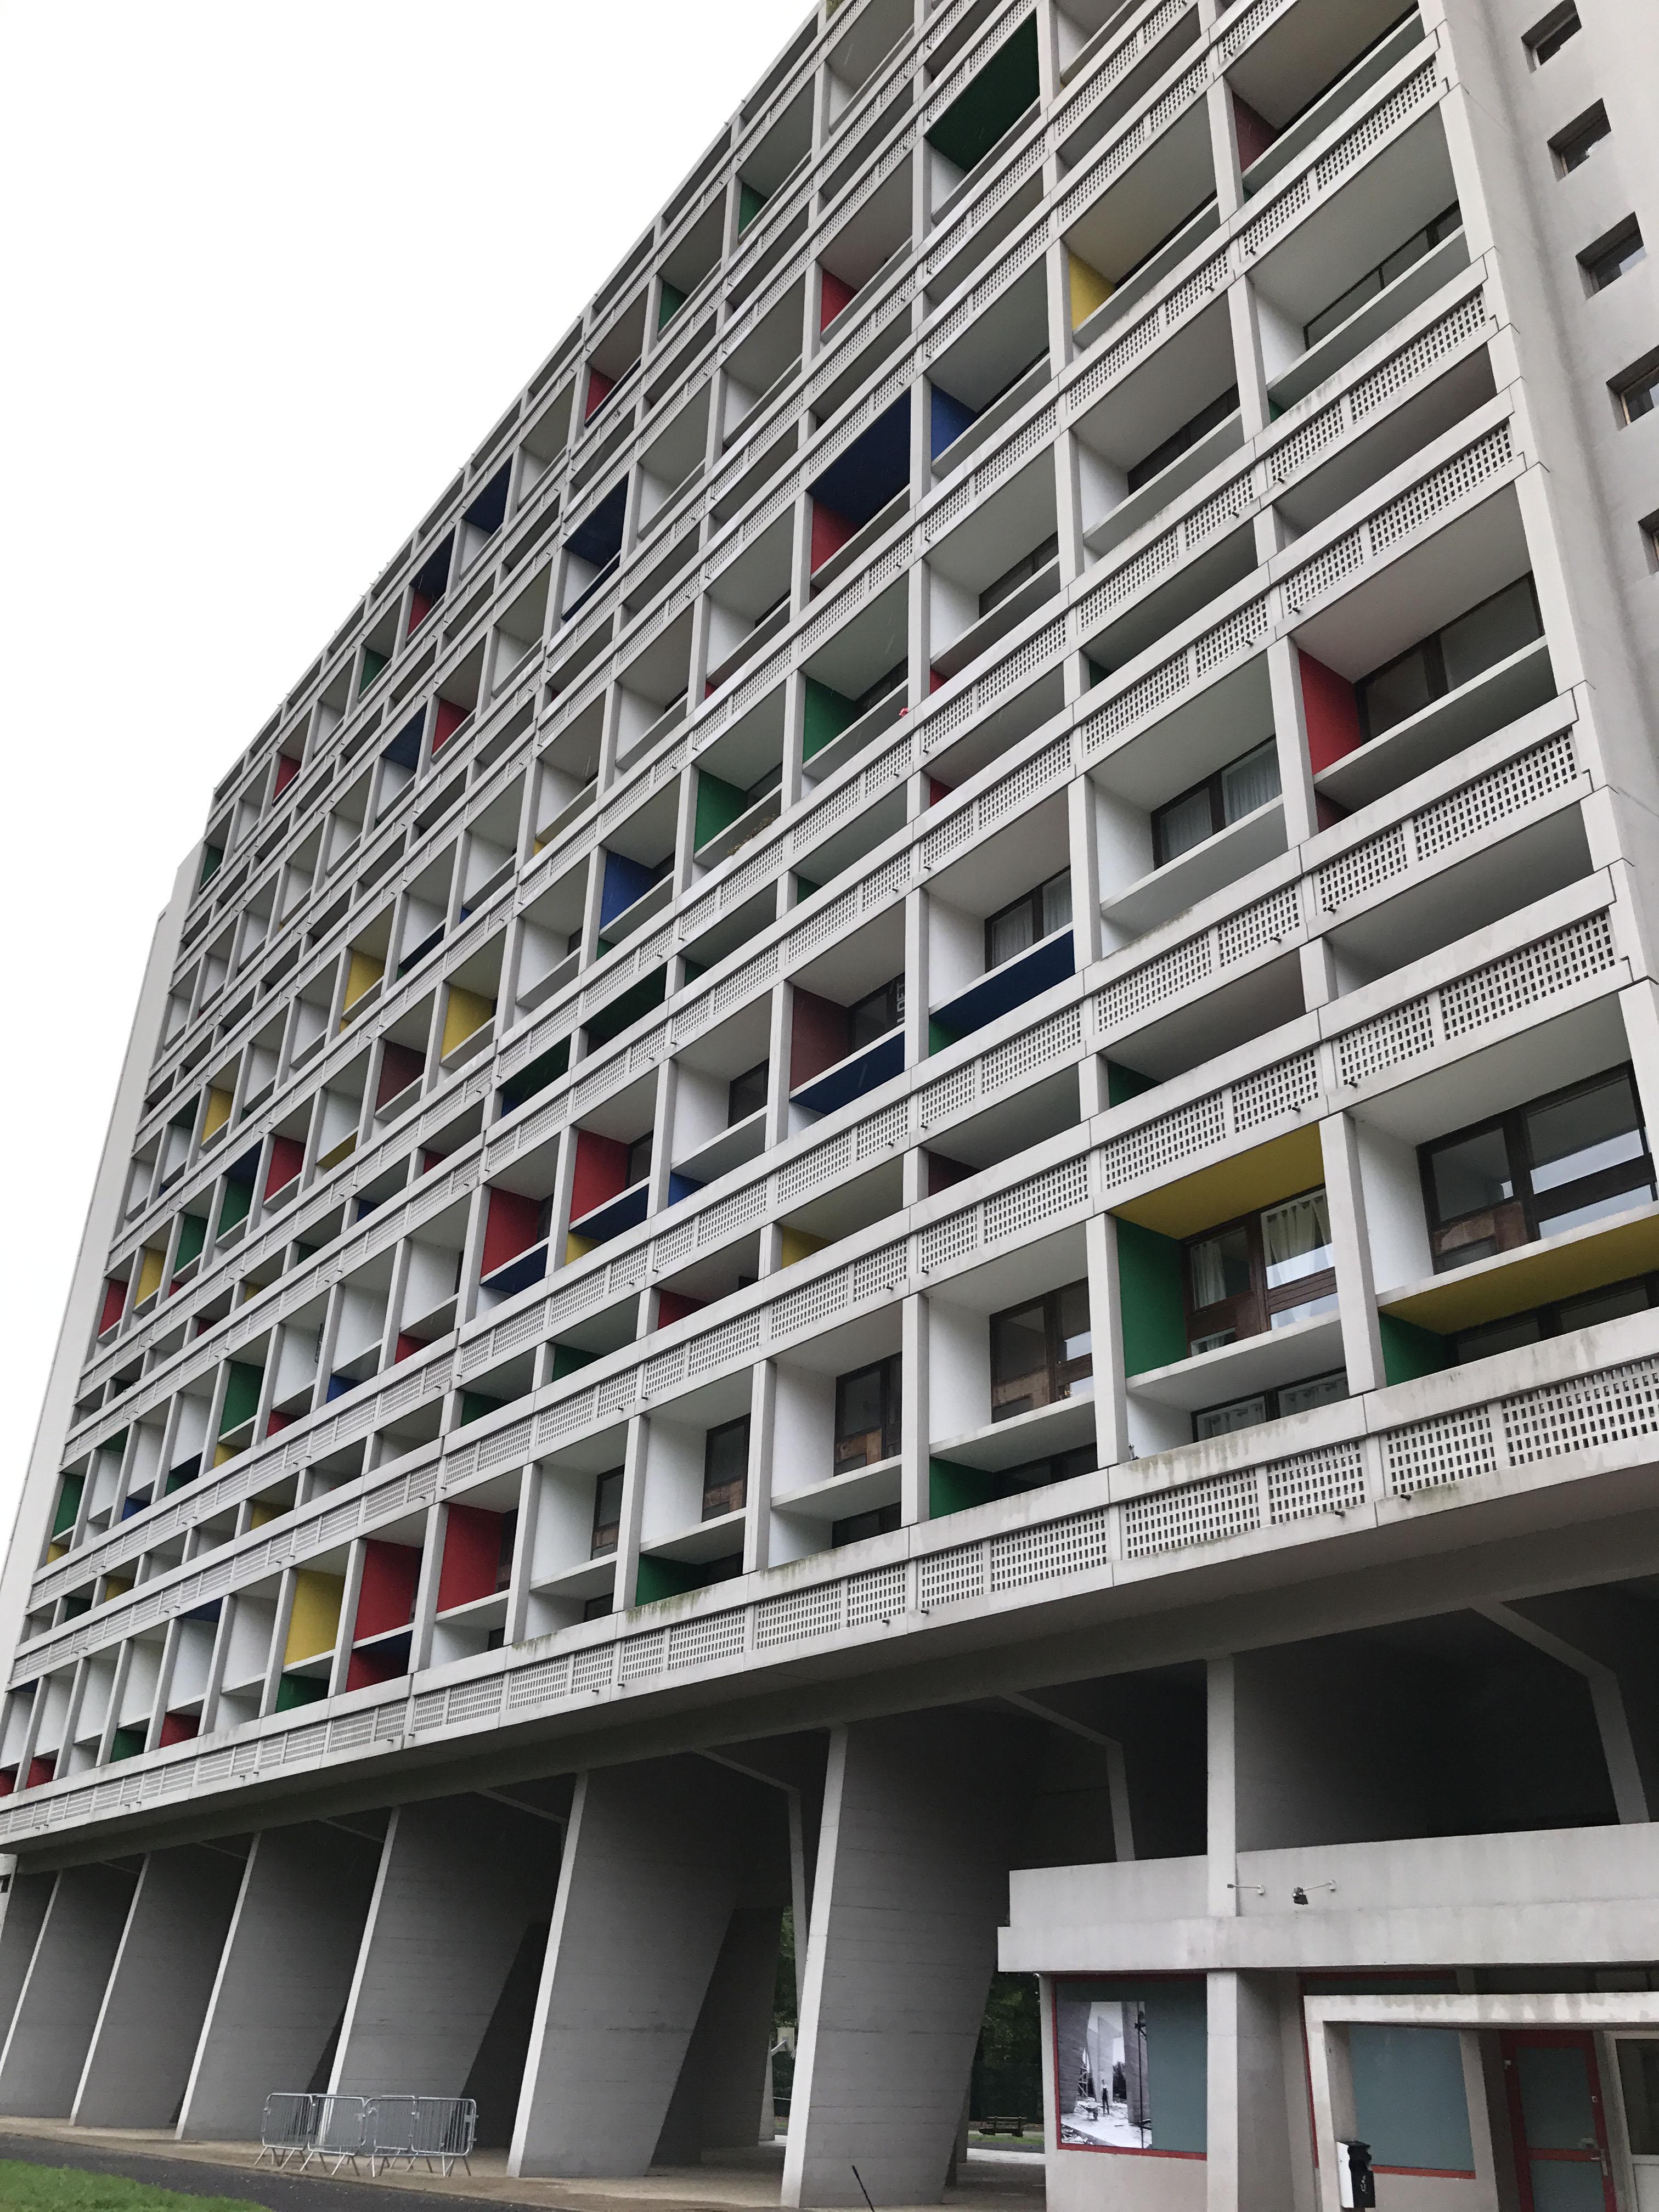 Unité d'habitation Le Corbusier, image via Lux-Auction